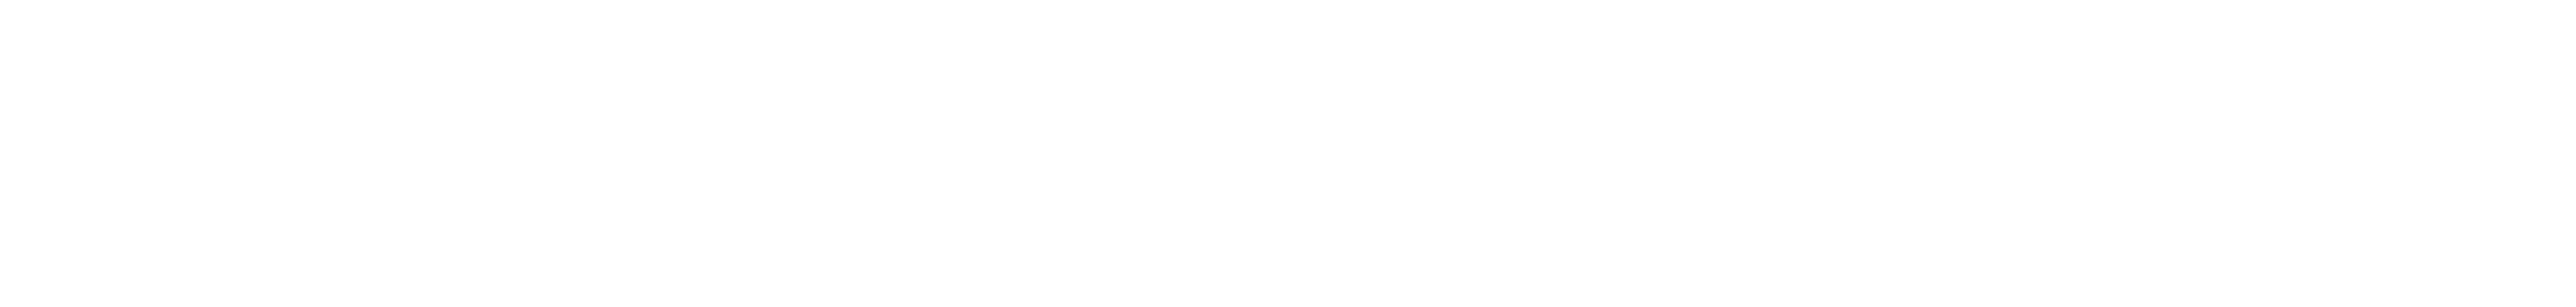 Schräge Retina Grafik